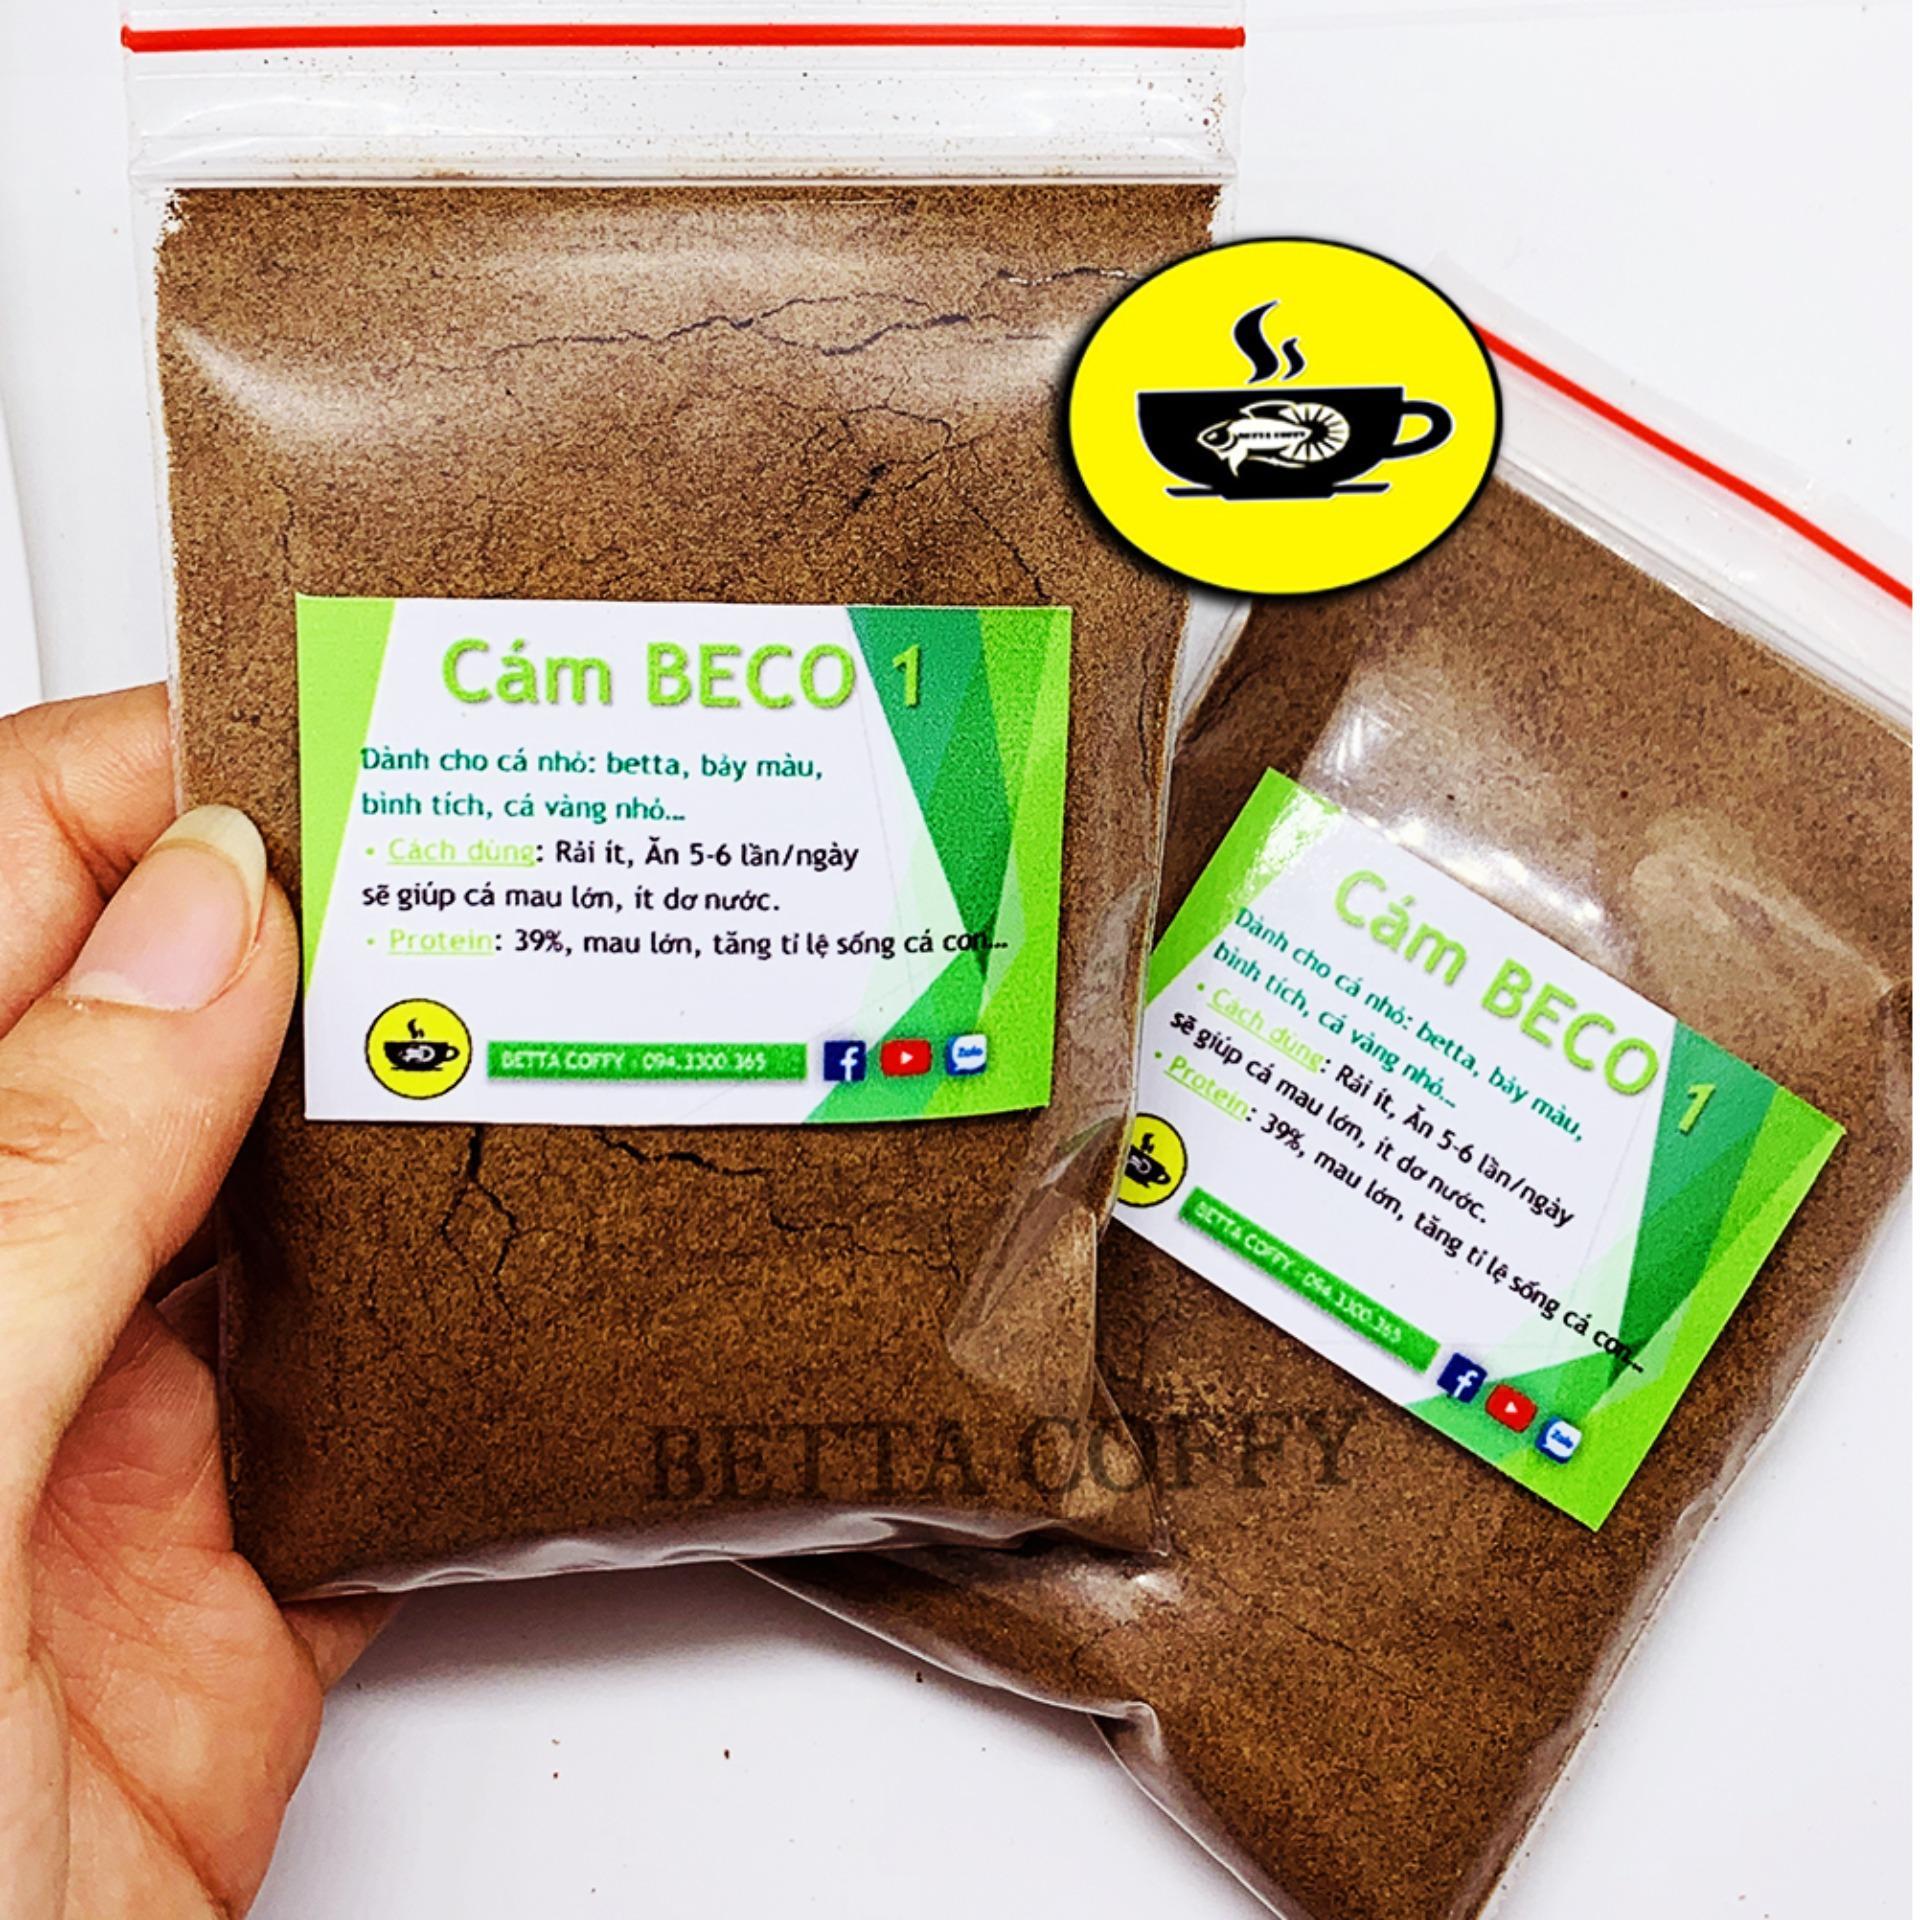 Cám Beco 1 - Thức ăn cá con - Gói nhỏ 40g